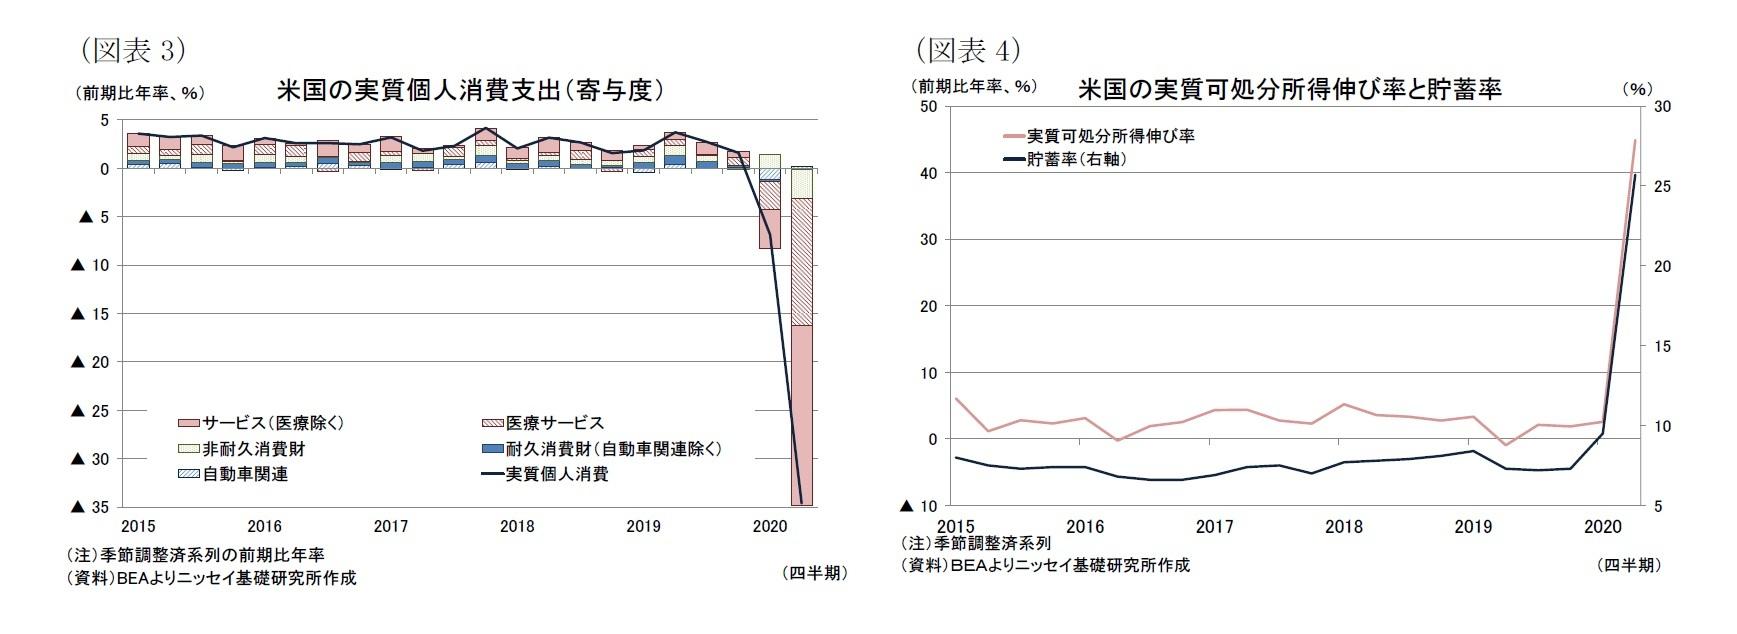 (図表3)米国の実質個人消費支出(寄与度)/(図表4)米国の実質可処分所得伸び率と貯蓄率